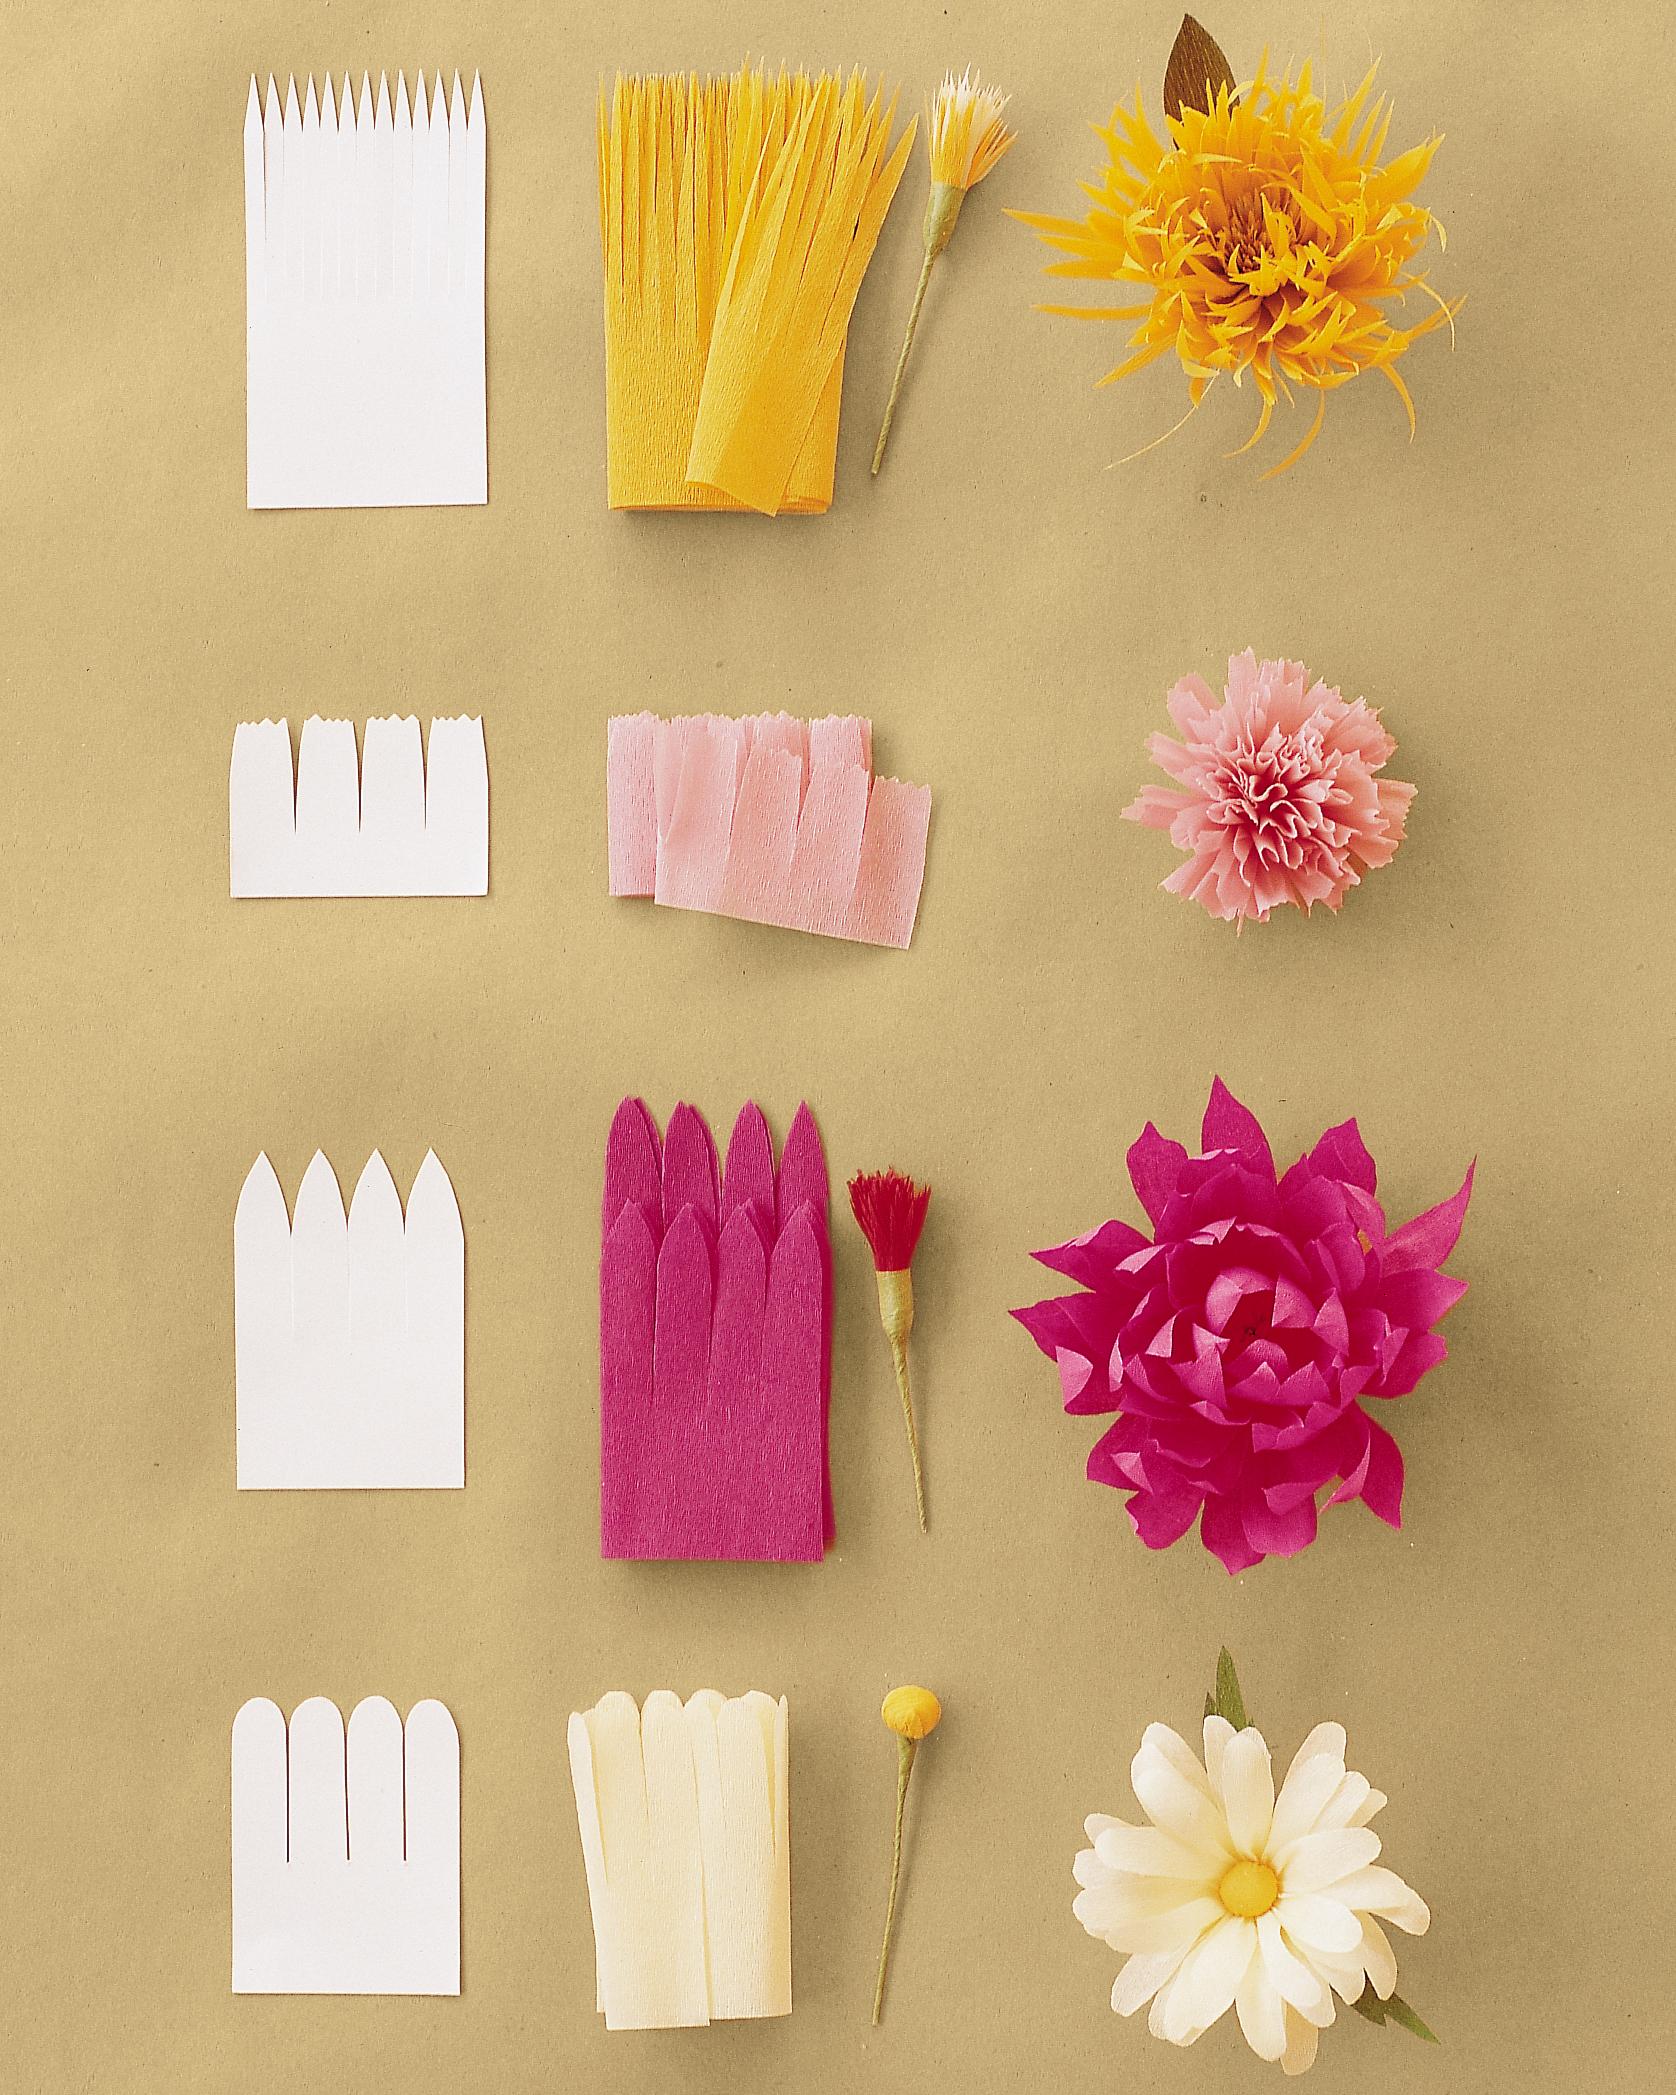 ml243_spr01_crepe_paper_flowers_ff3.jpg